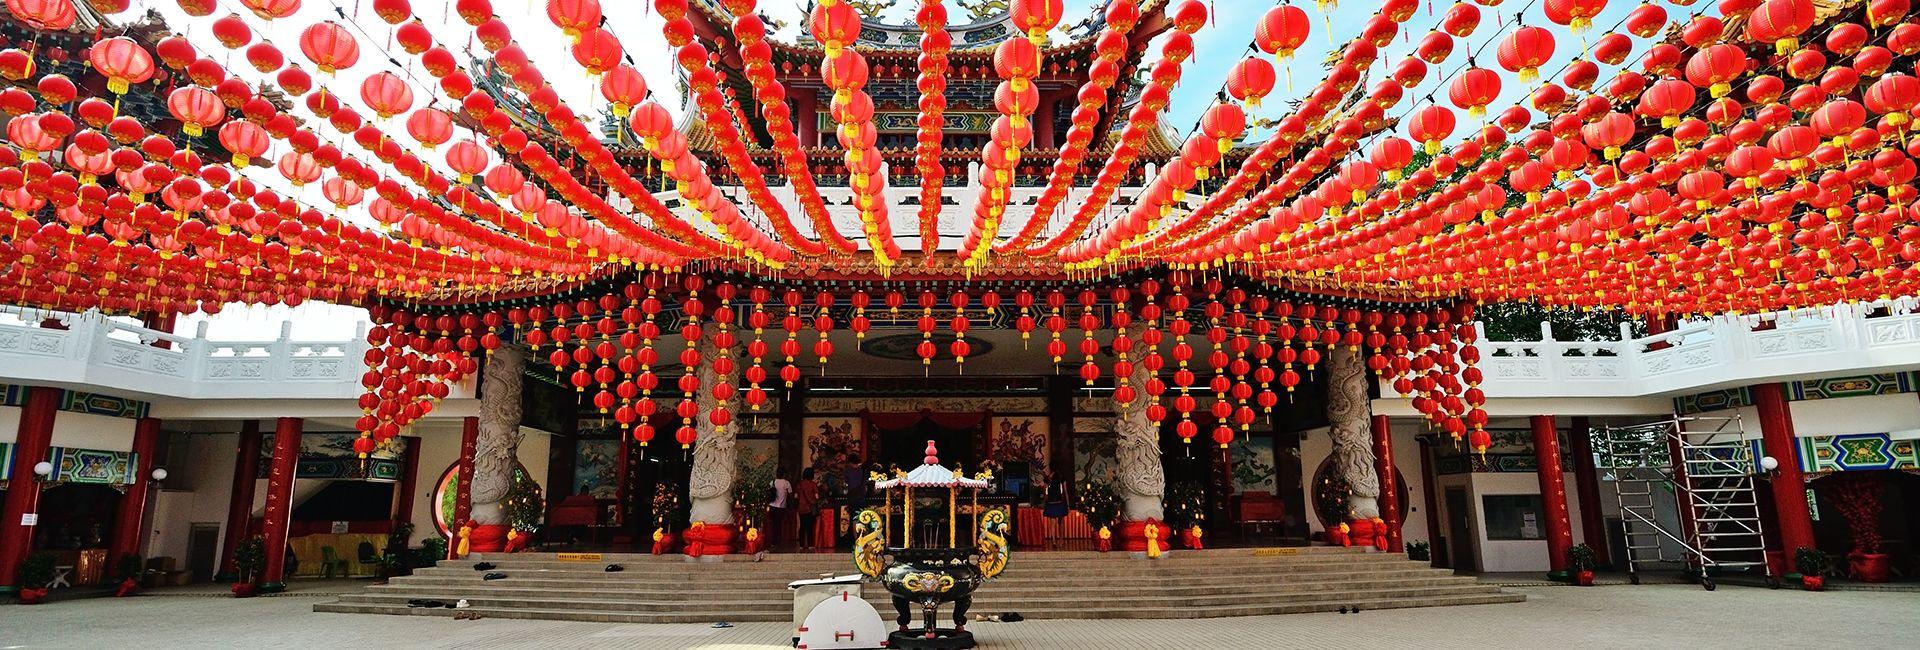 Hướng dẫn du lịch chi tiết tại Chinatown, Kuala Lumpur